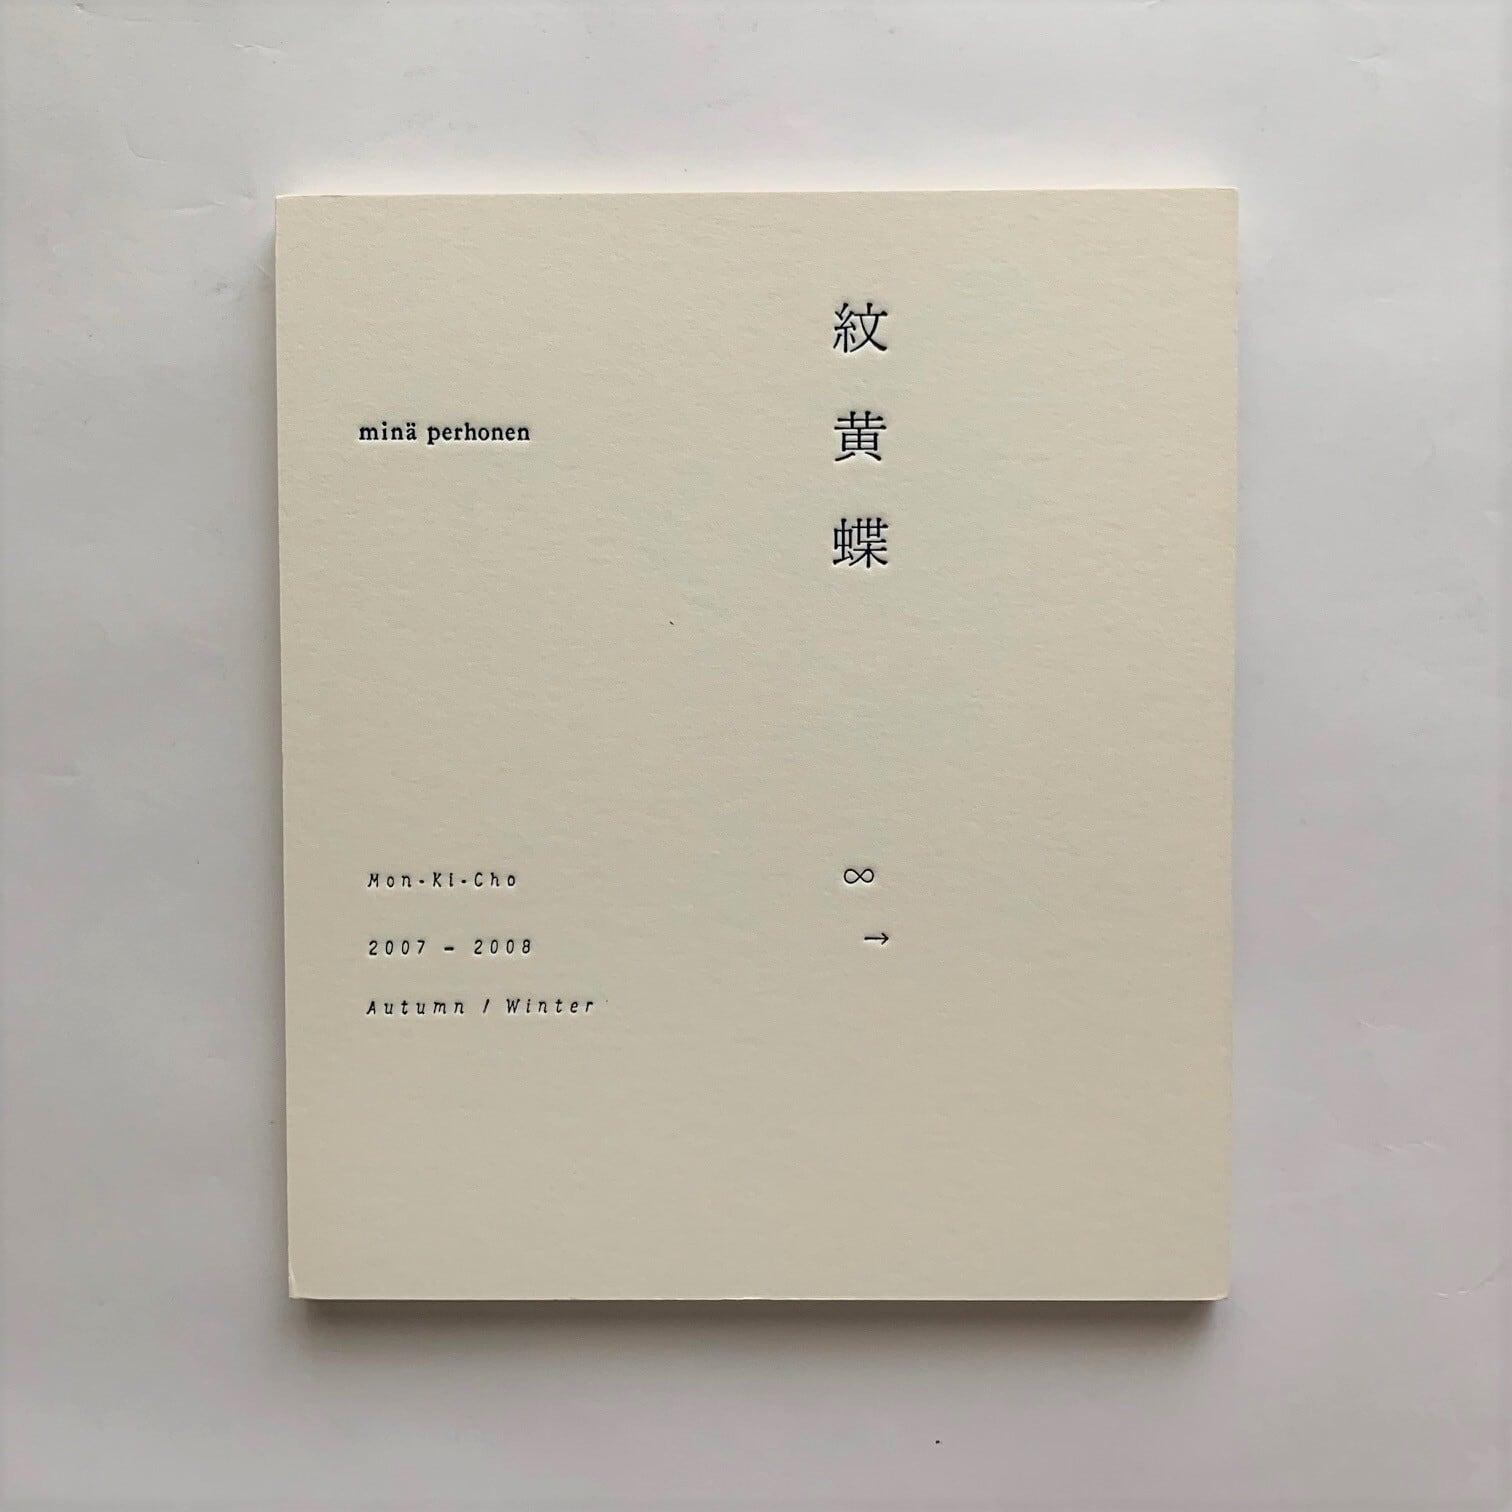 ミナペルフォネン 2007-2008秋冬カタログ